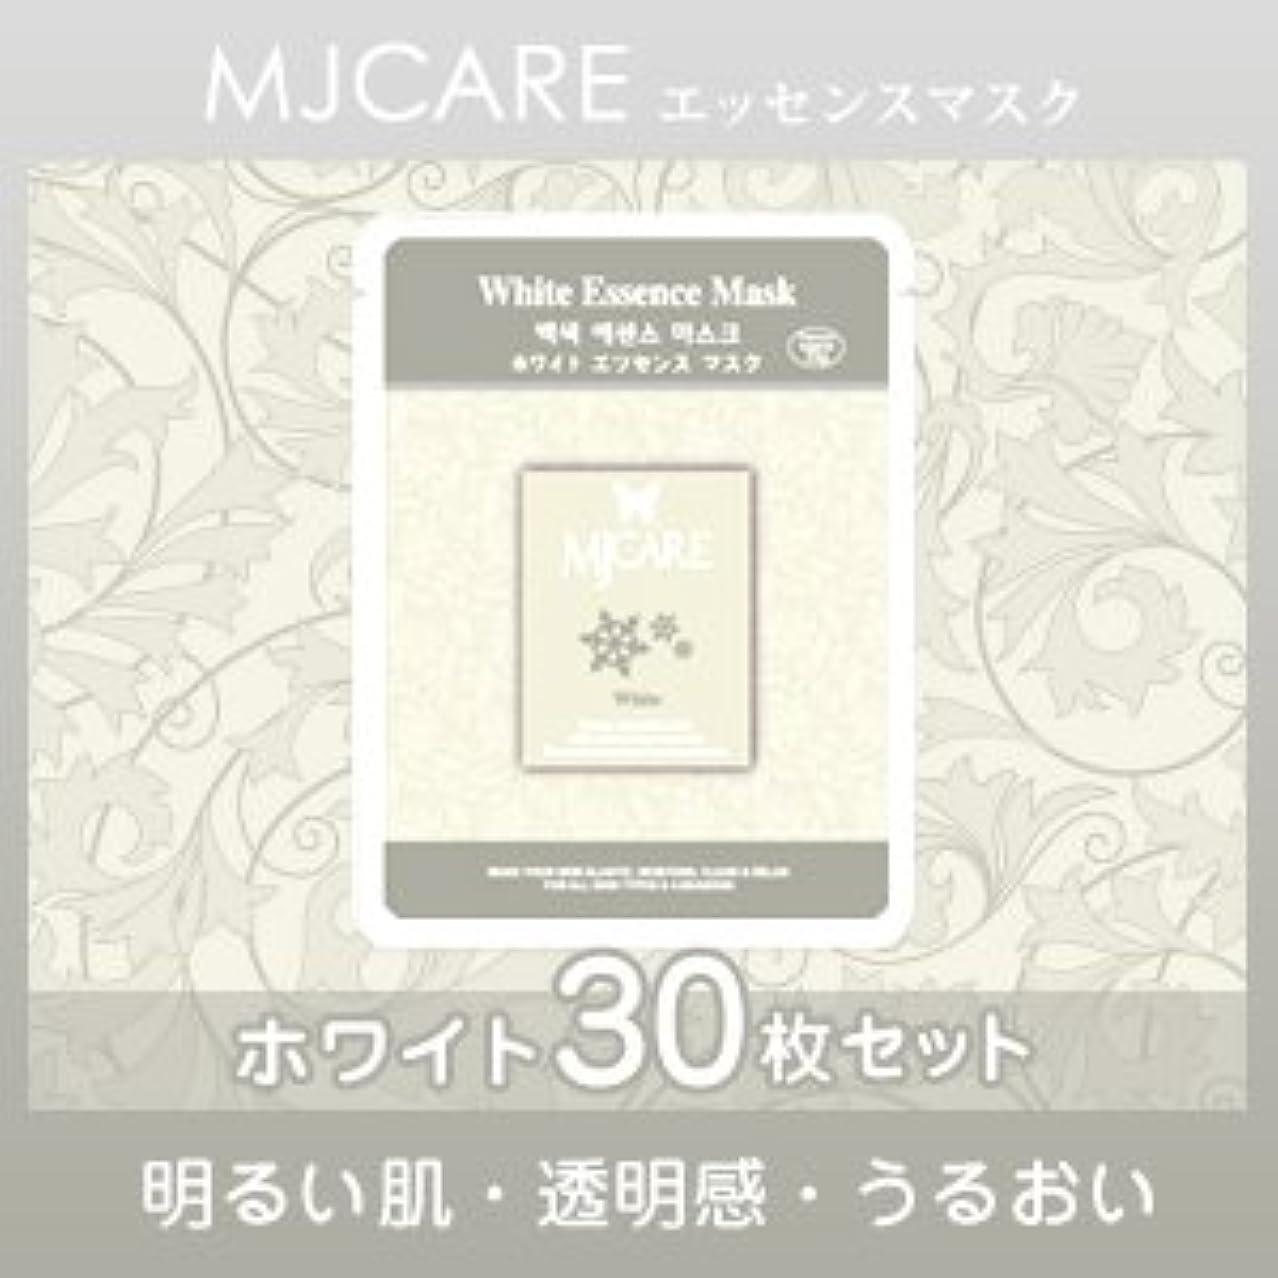 壊す家事をする最高MJCARE (エムジェイケア) ホワイト エッセンスマスク 30セット